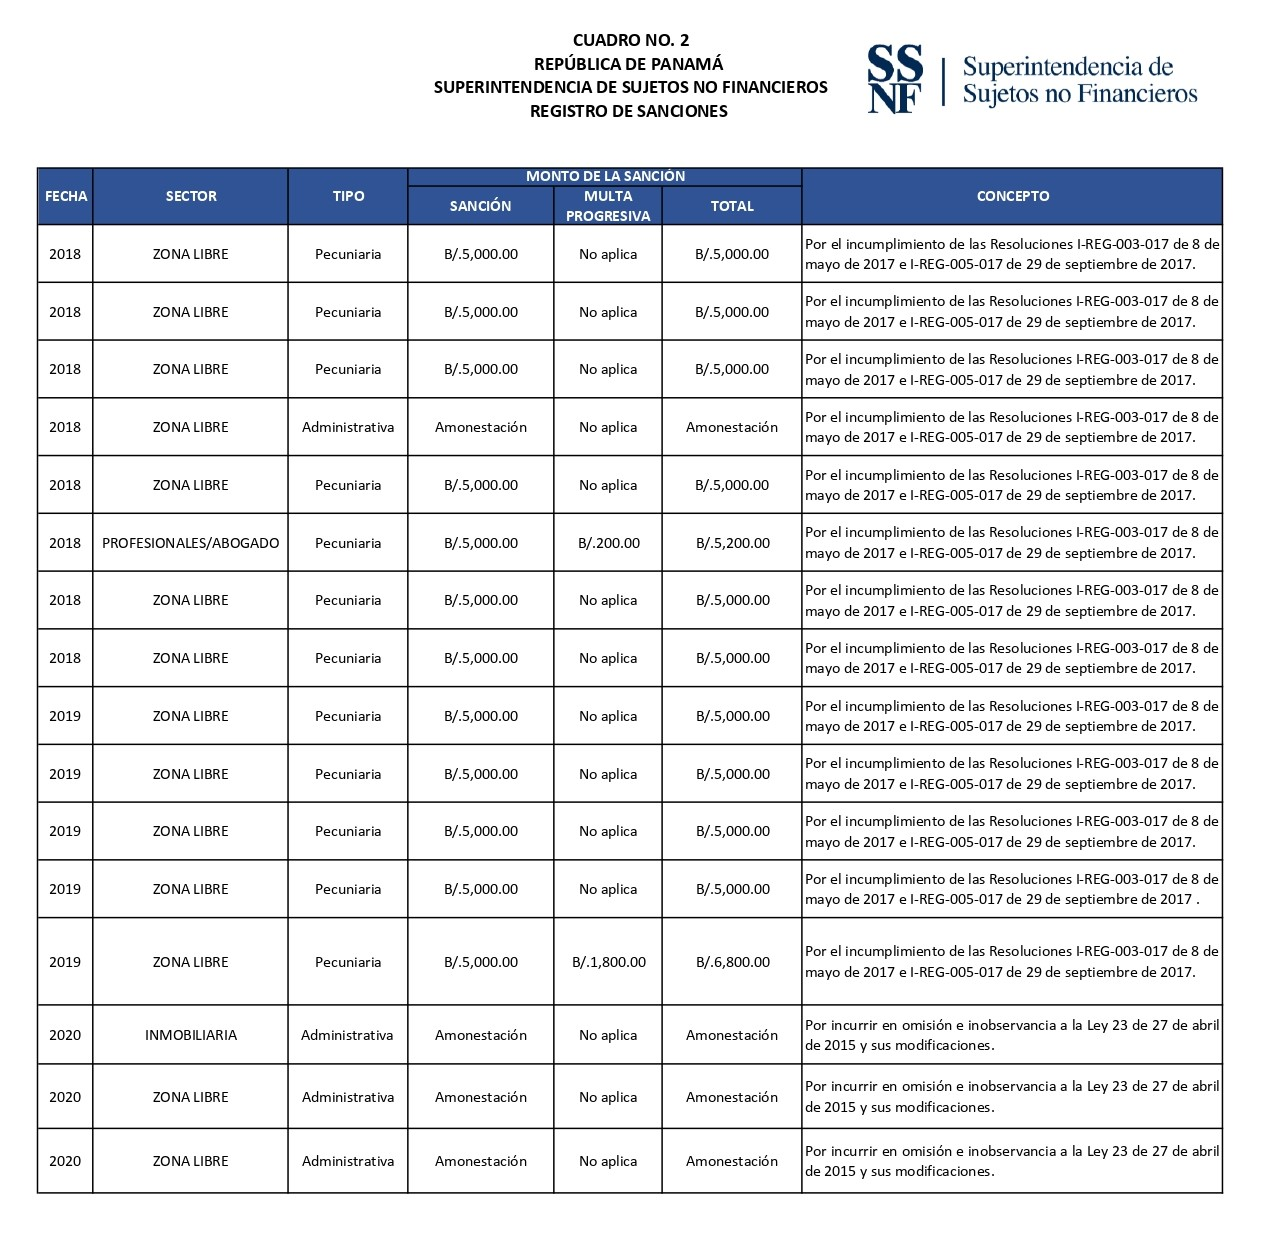 Sanciones Ejecutodiadas por Sanciones Inmediata y Amonestación